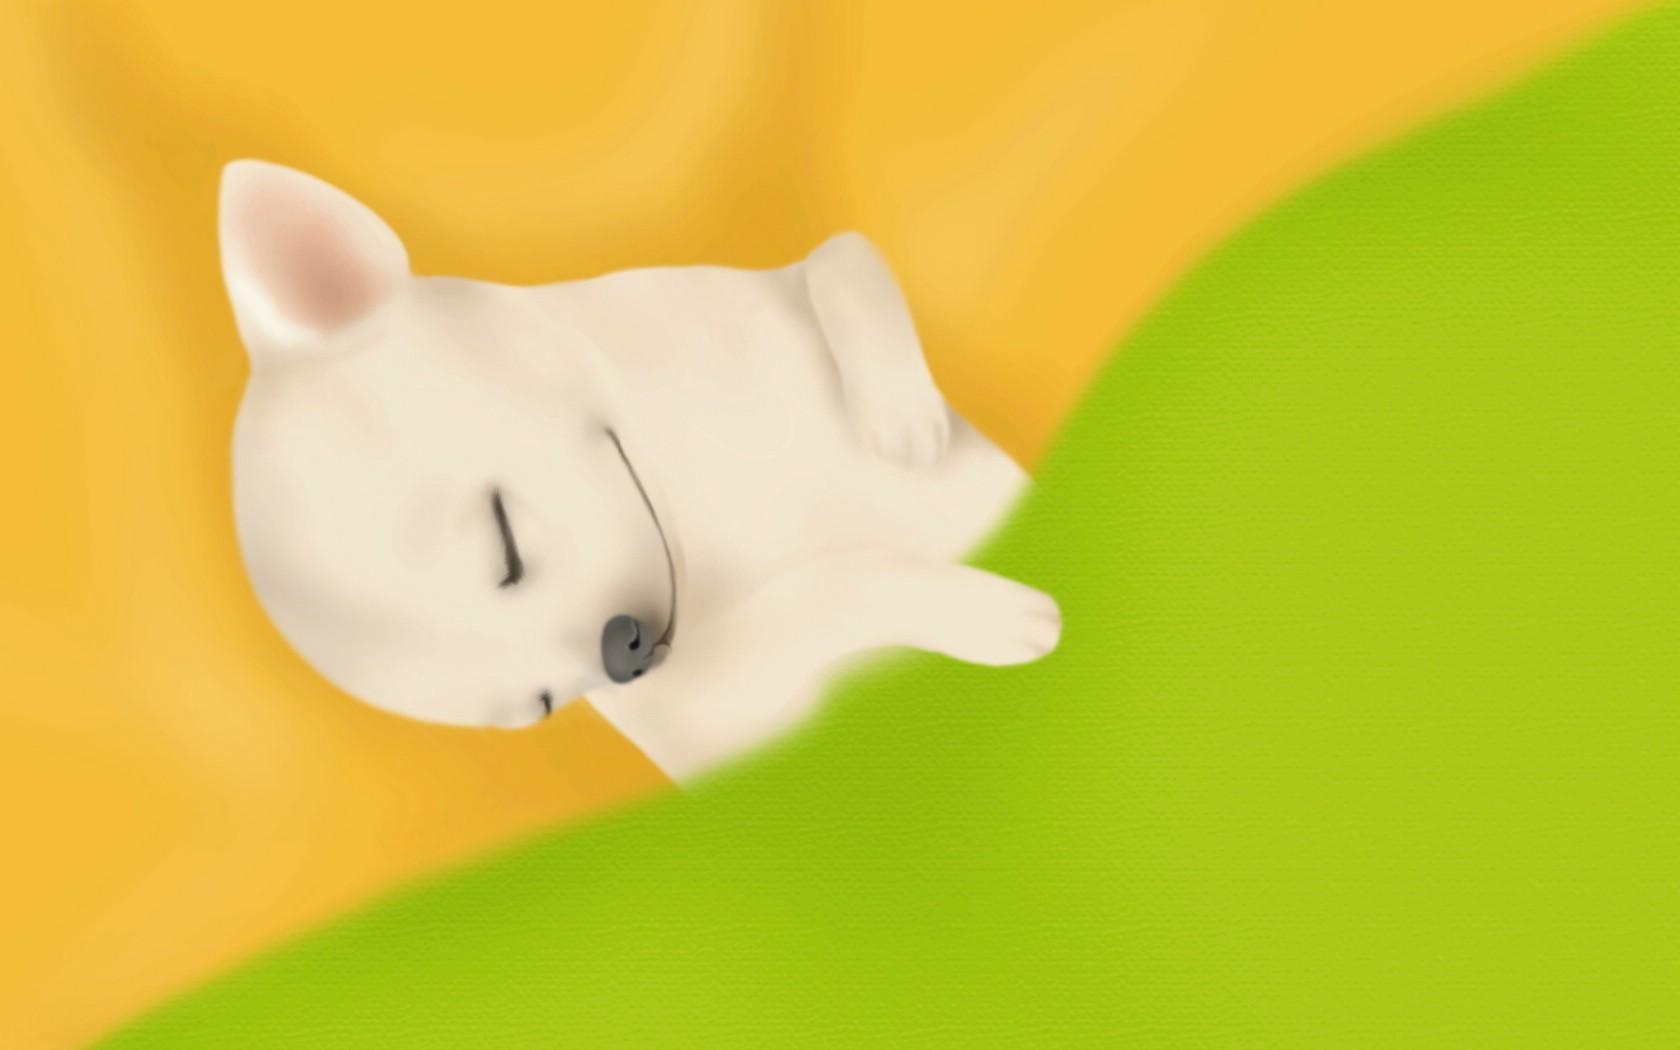 壁纸1680×1050手绘趣味小狗狗图片壁纸 painter 柔和插画我的宠物狗